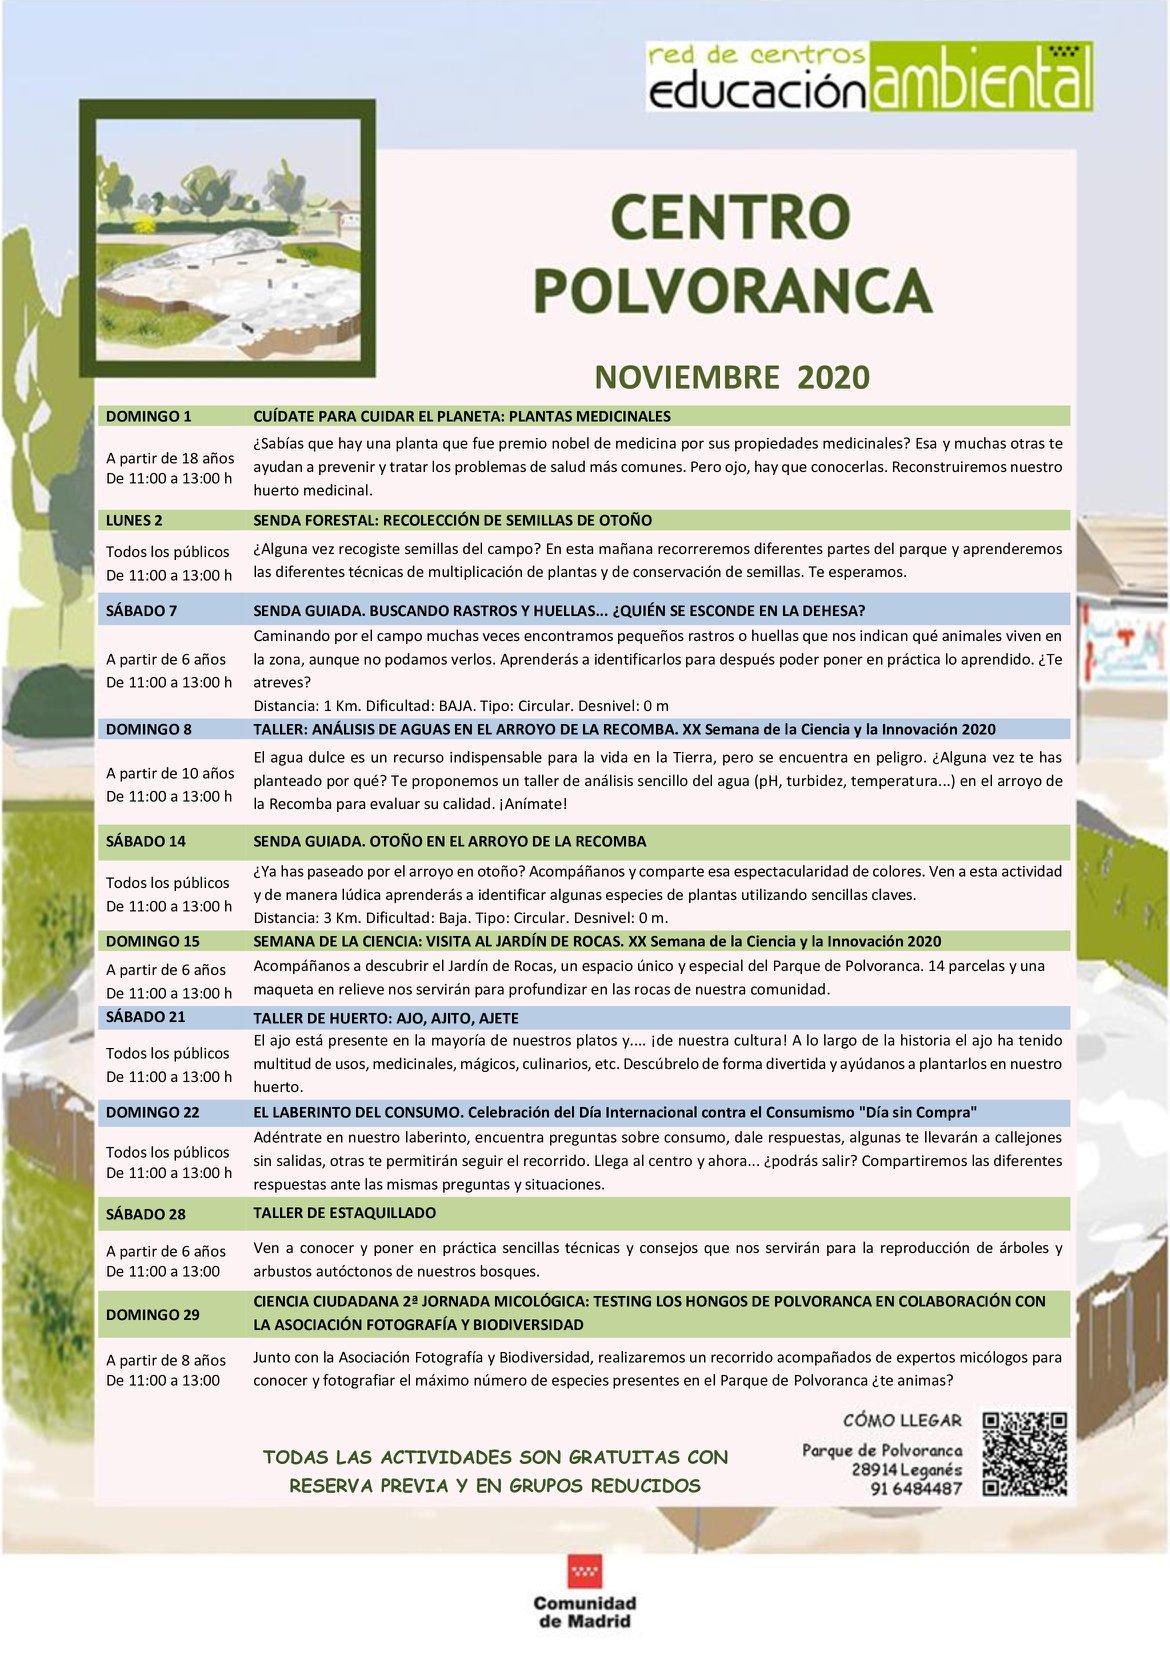 Programación en noviembre 2020 en el CEA Polvoranca y en Bosque Sur